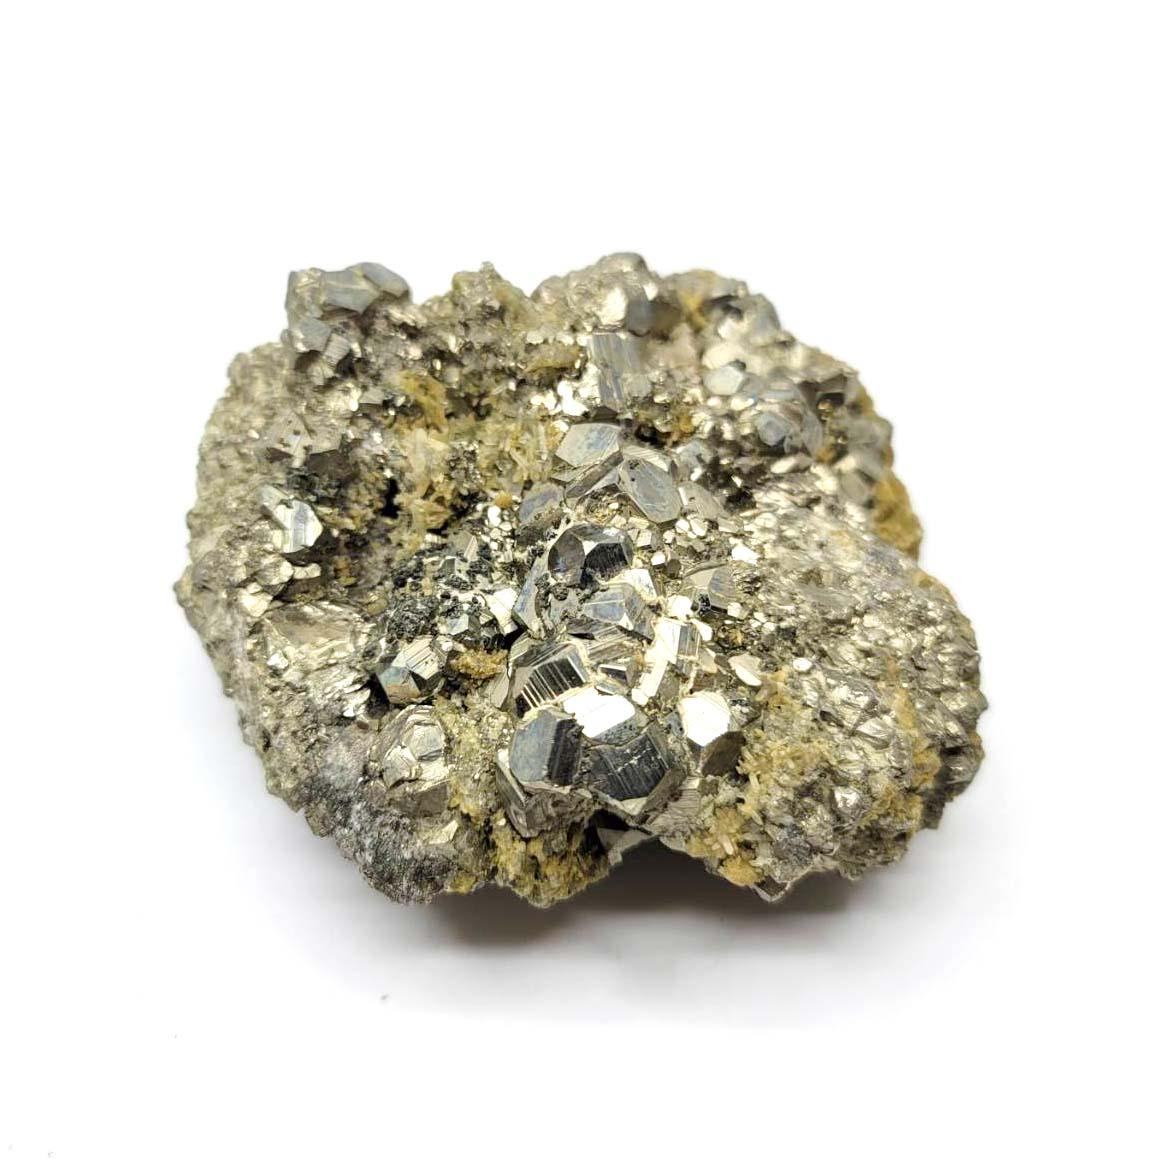 圖示-黃鐵礦(Pyrite)